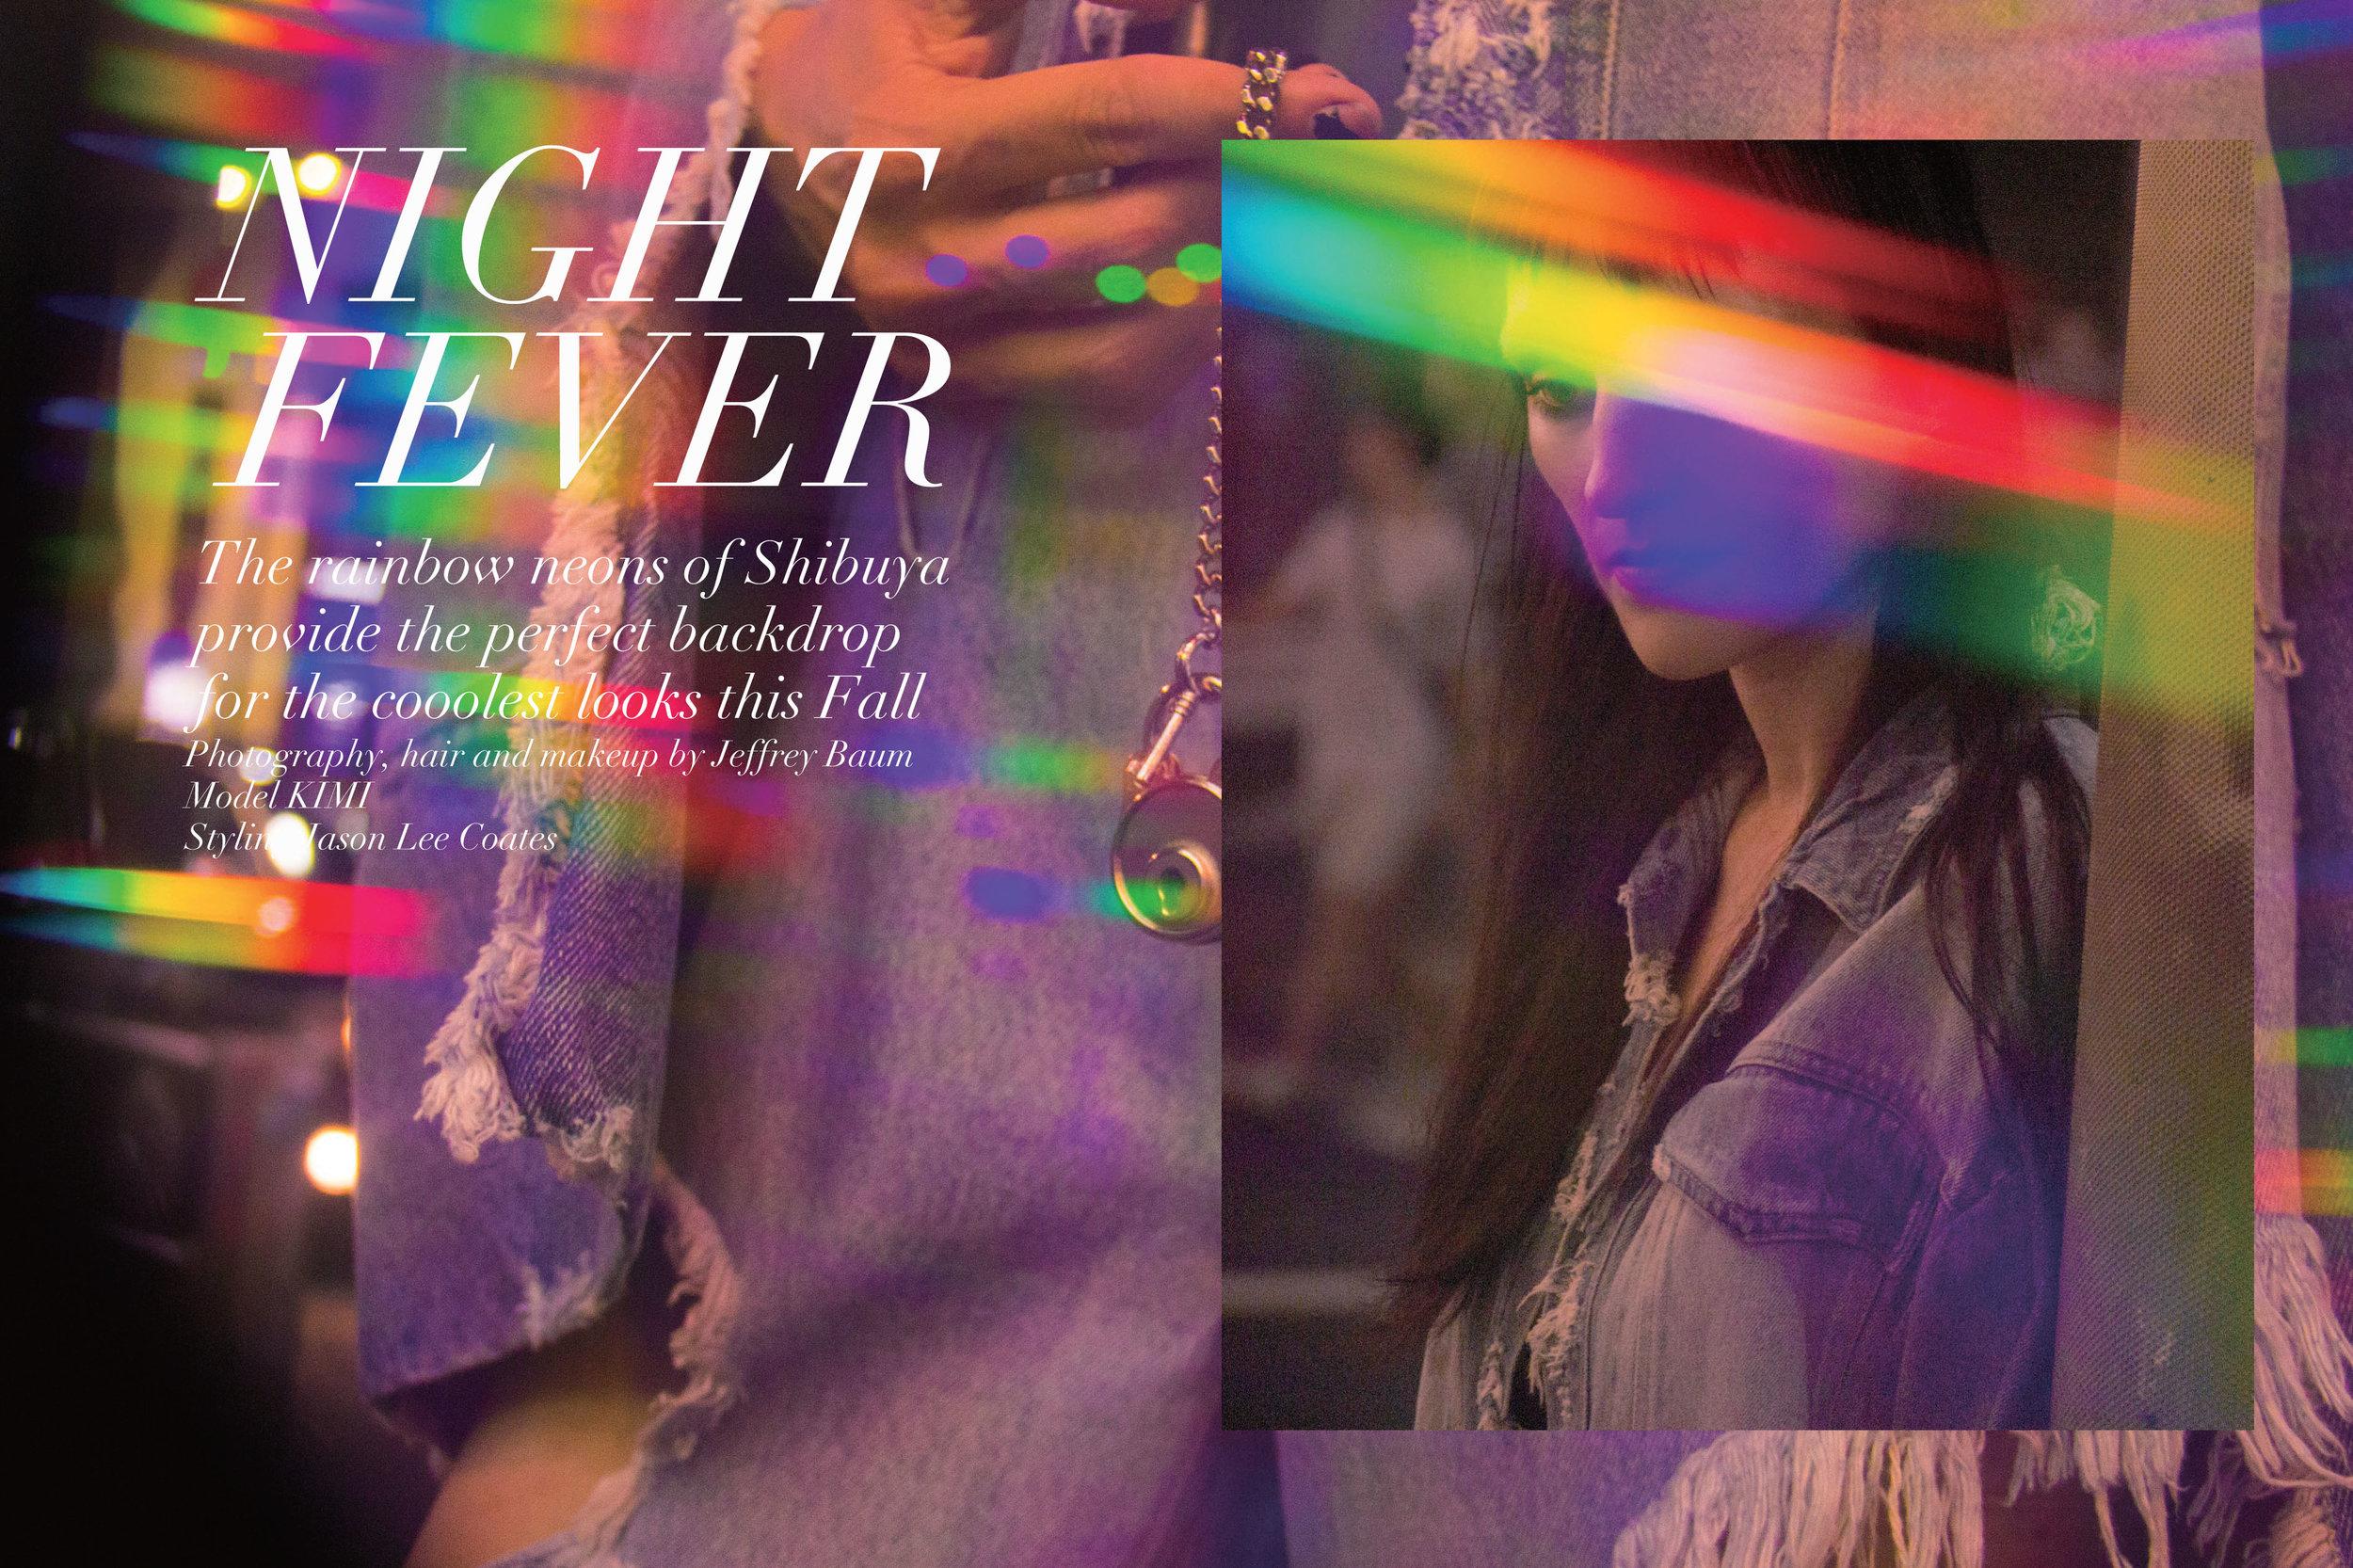 NIGHT FEVER: Left, SILVER DOLLAR denim jeans; Right, RYAN denim jacket, both by PONY STONE.